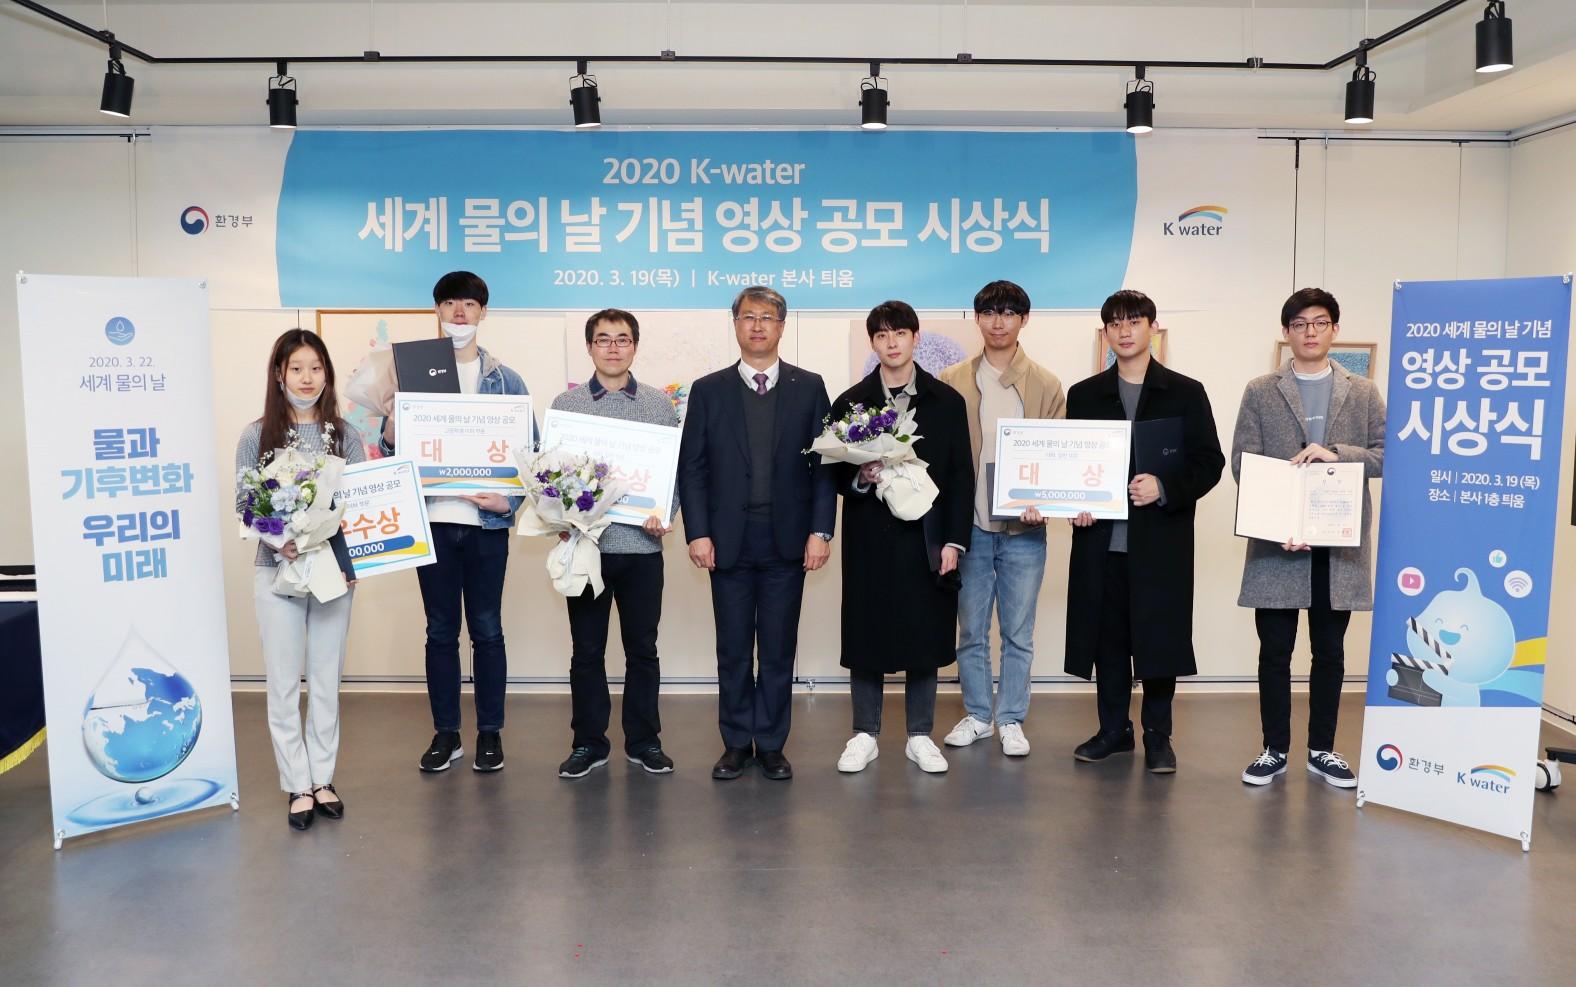 한국수자원공사가 19일 '세계 물의 날' 기념 대국민 영상공모 시상식을 개최